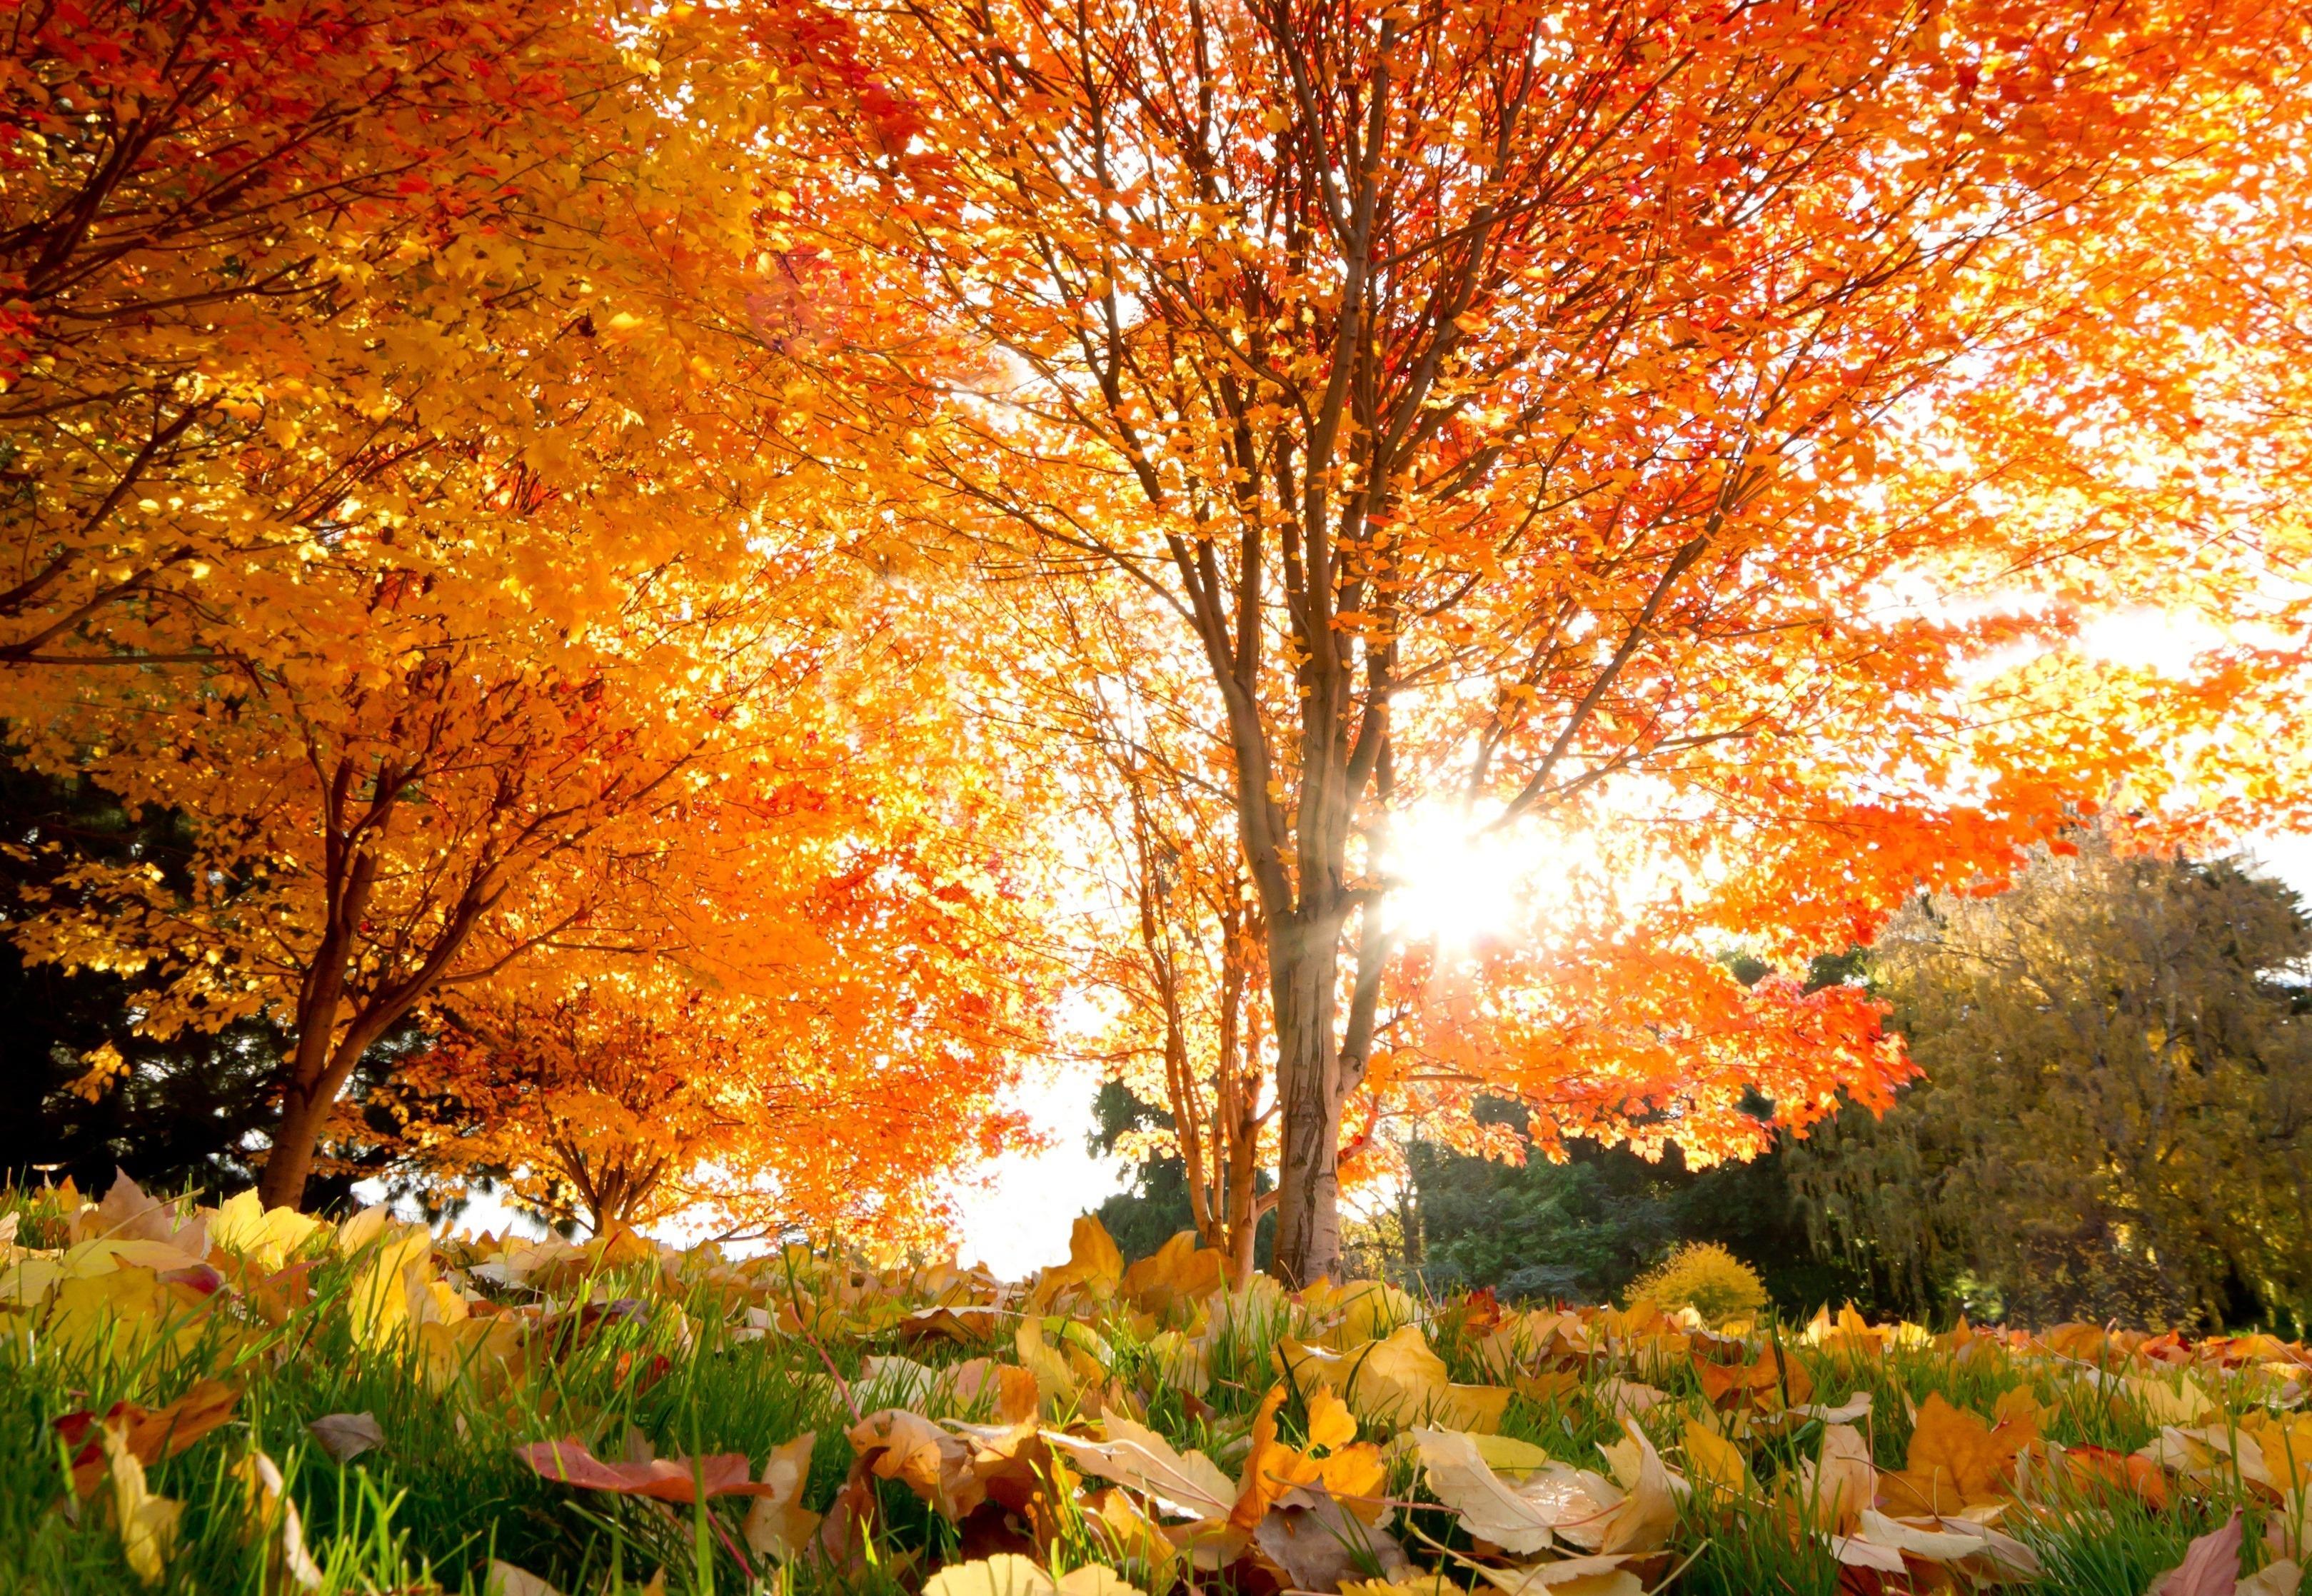 деревья листва осень солнце  № 3191823 бесплатно